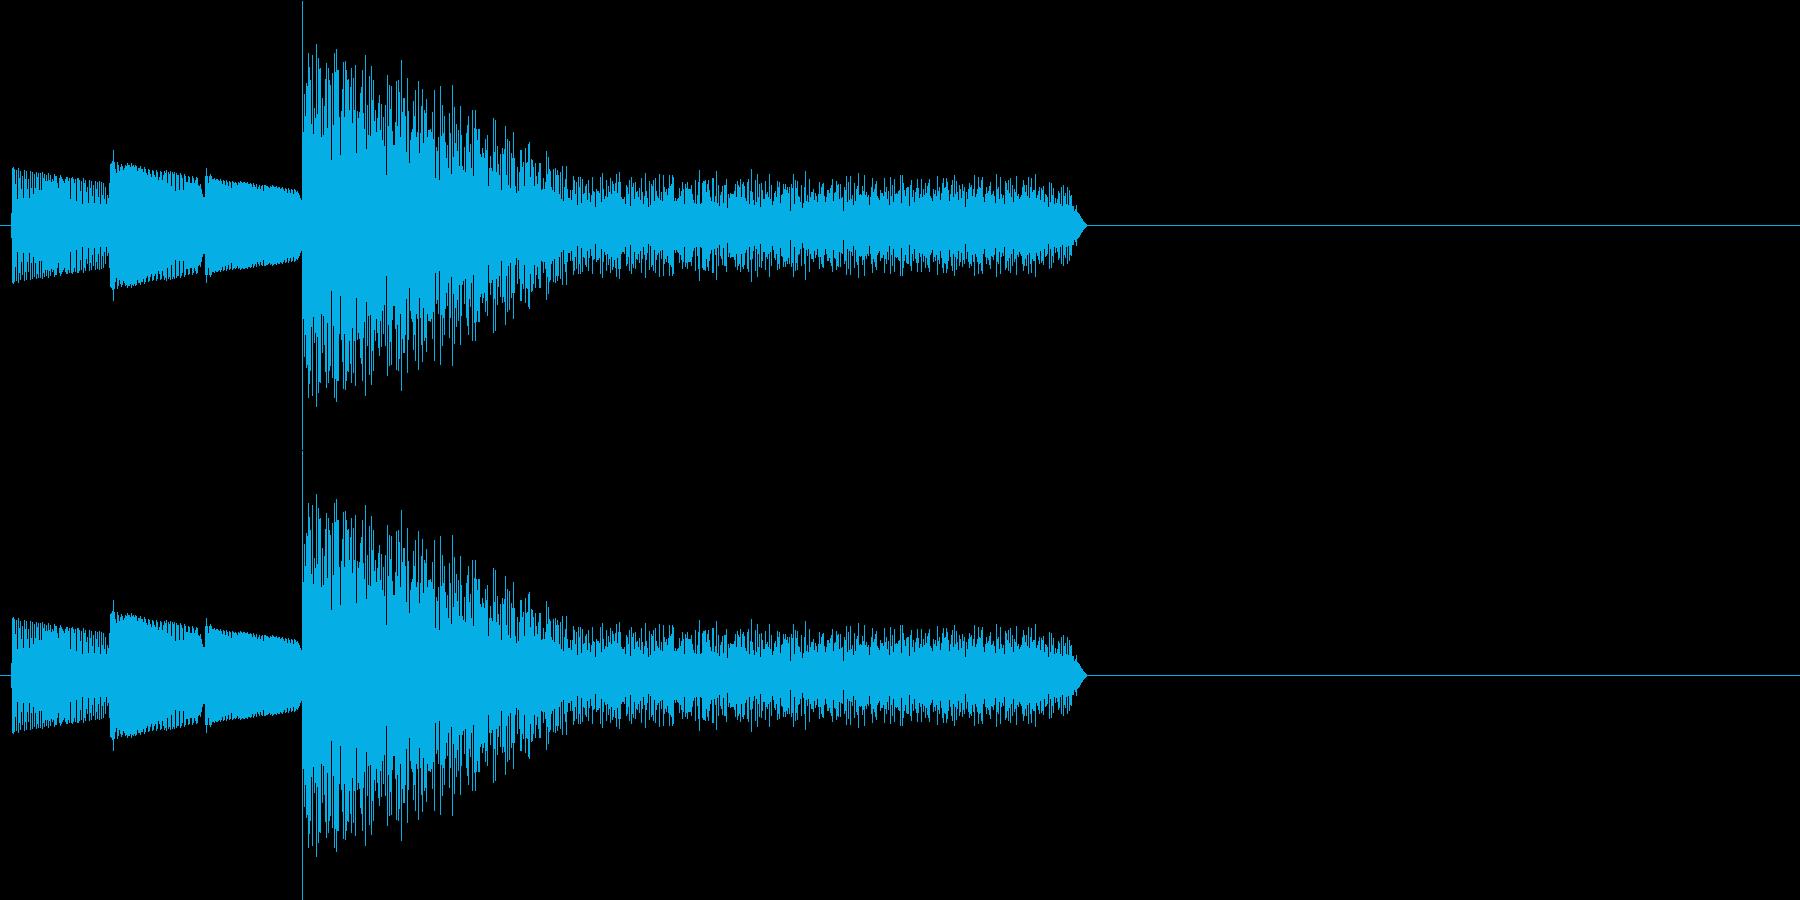 レトロゲーム風・スタート#1の再生済みの波形